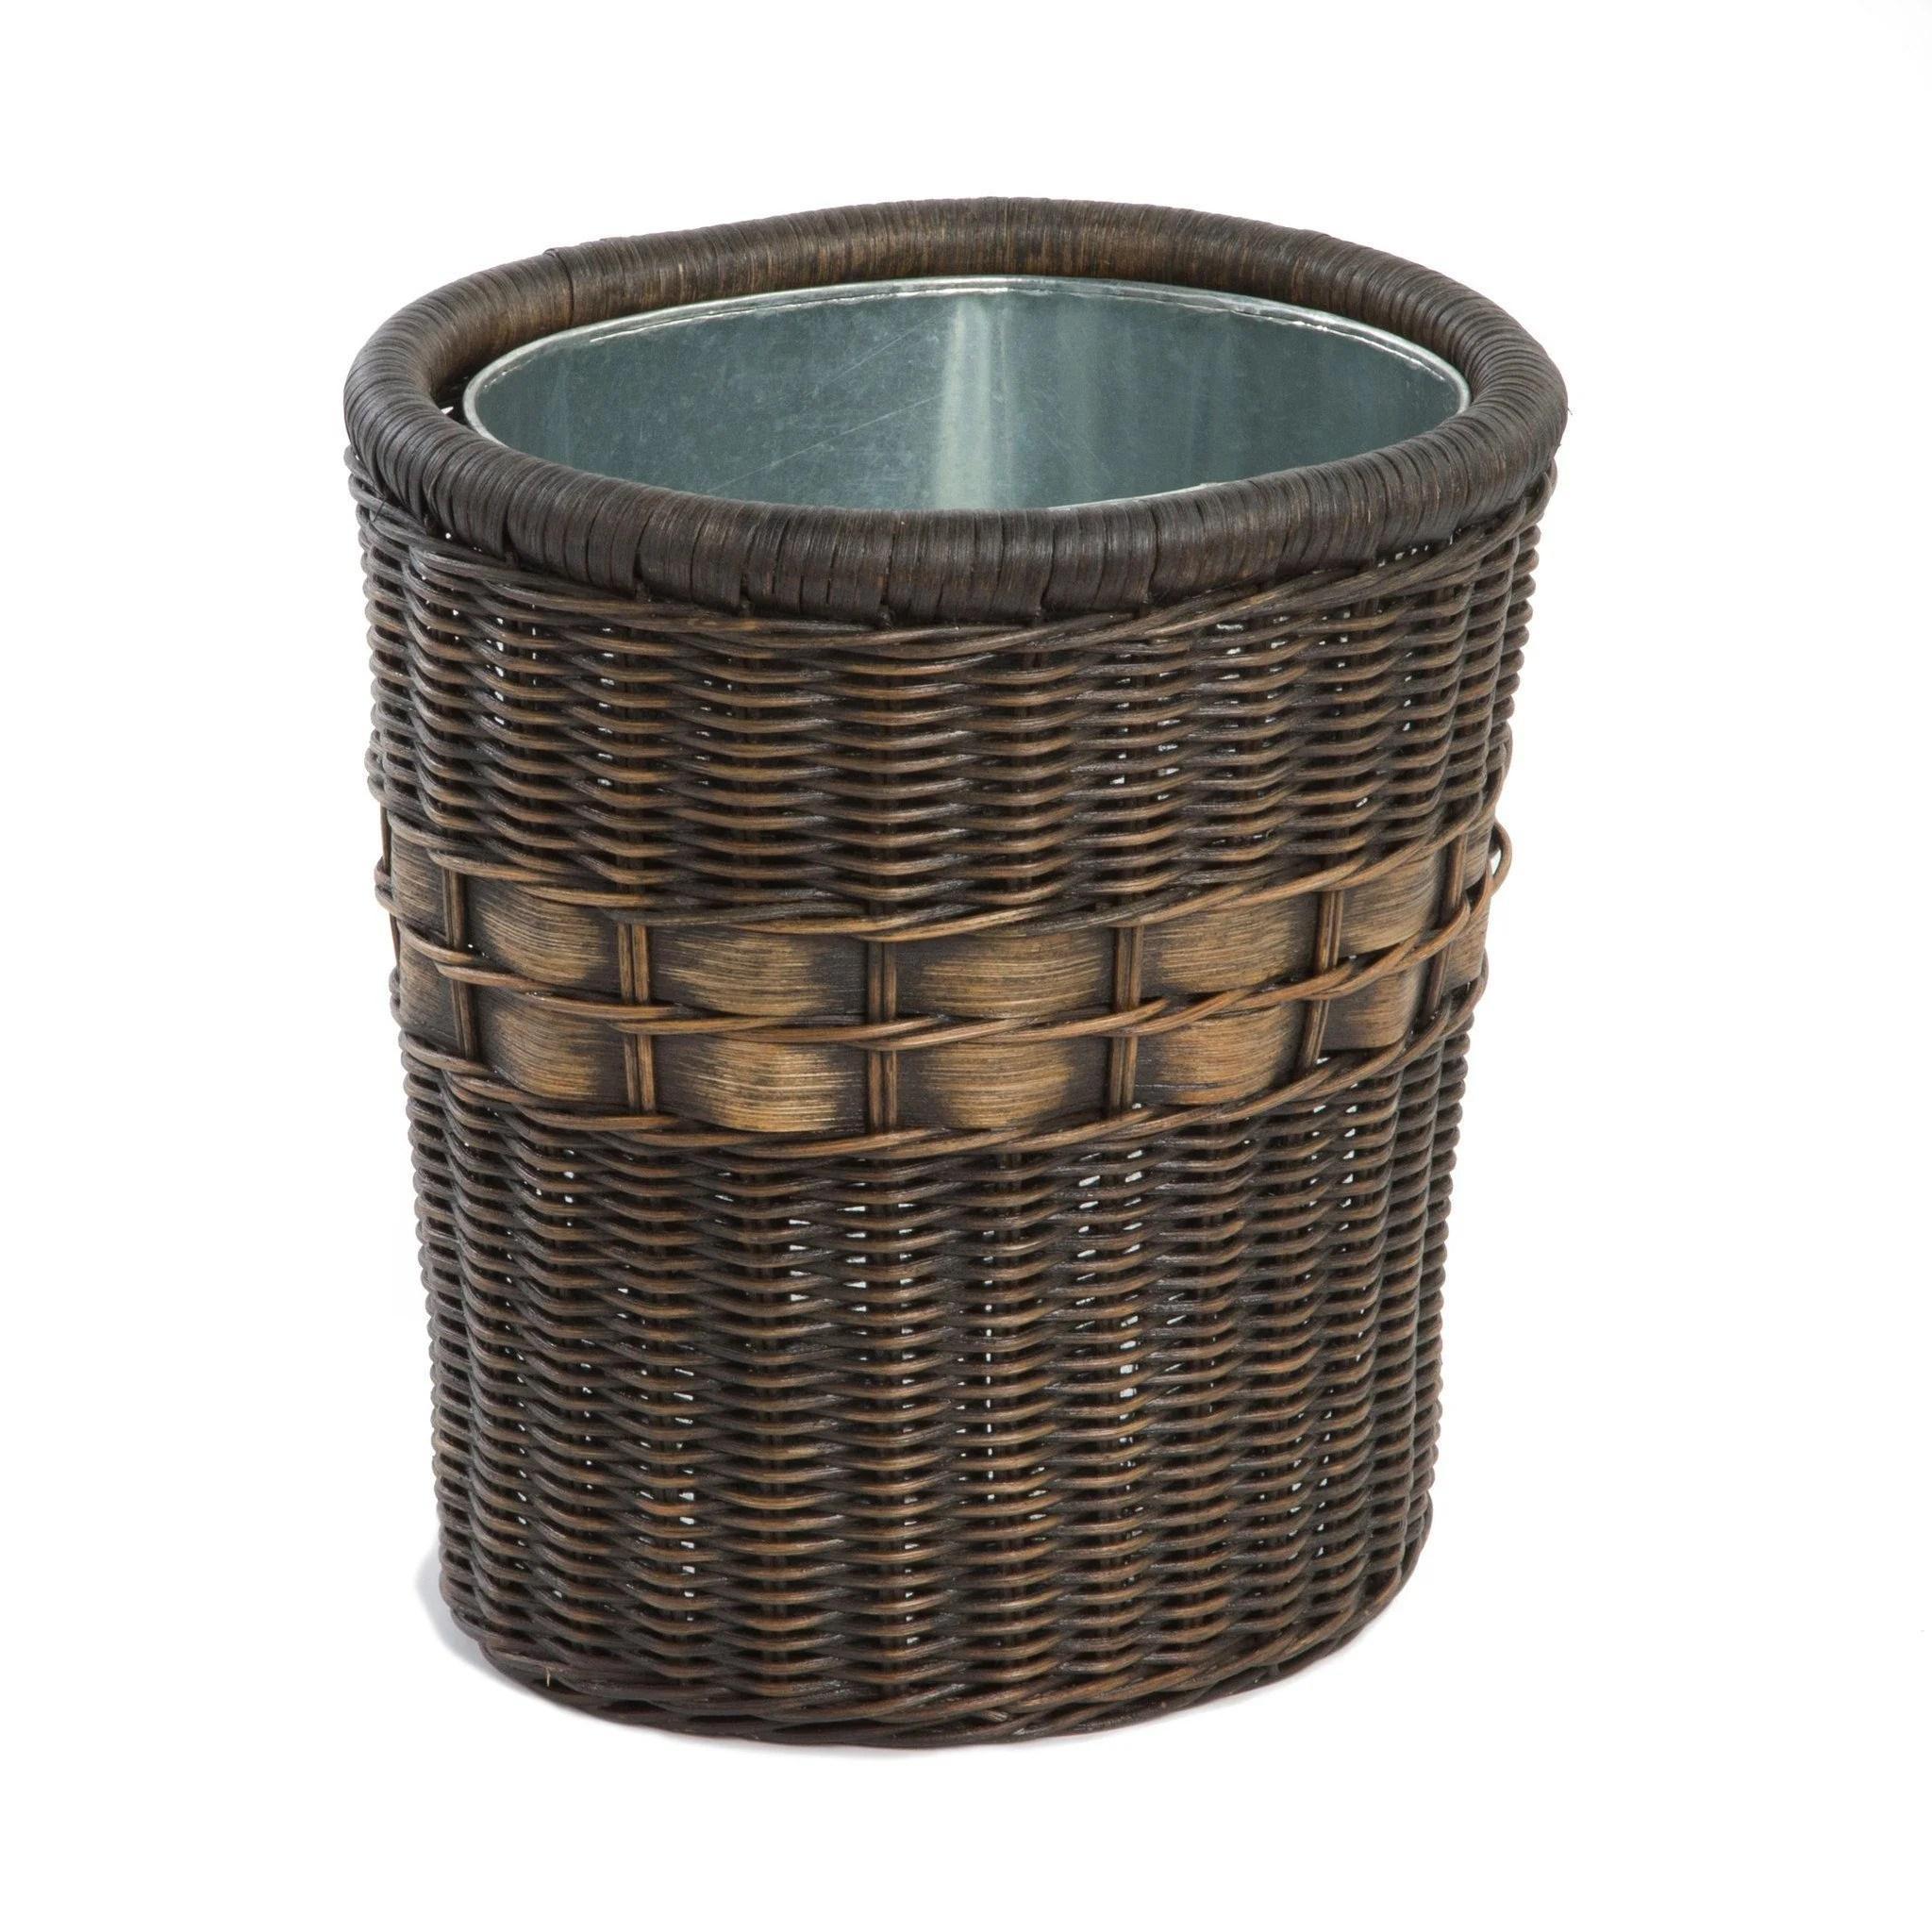 World' Smartest Wicker Waste Basket - Lady